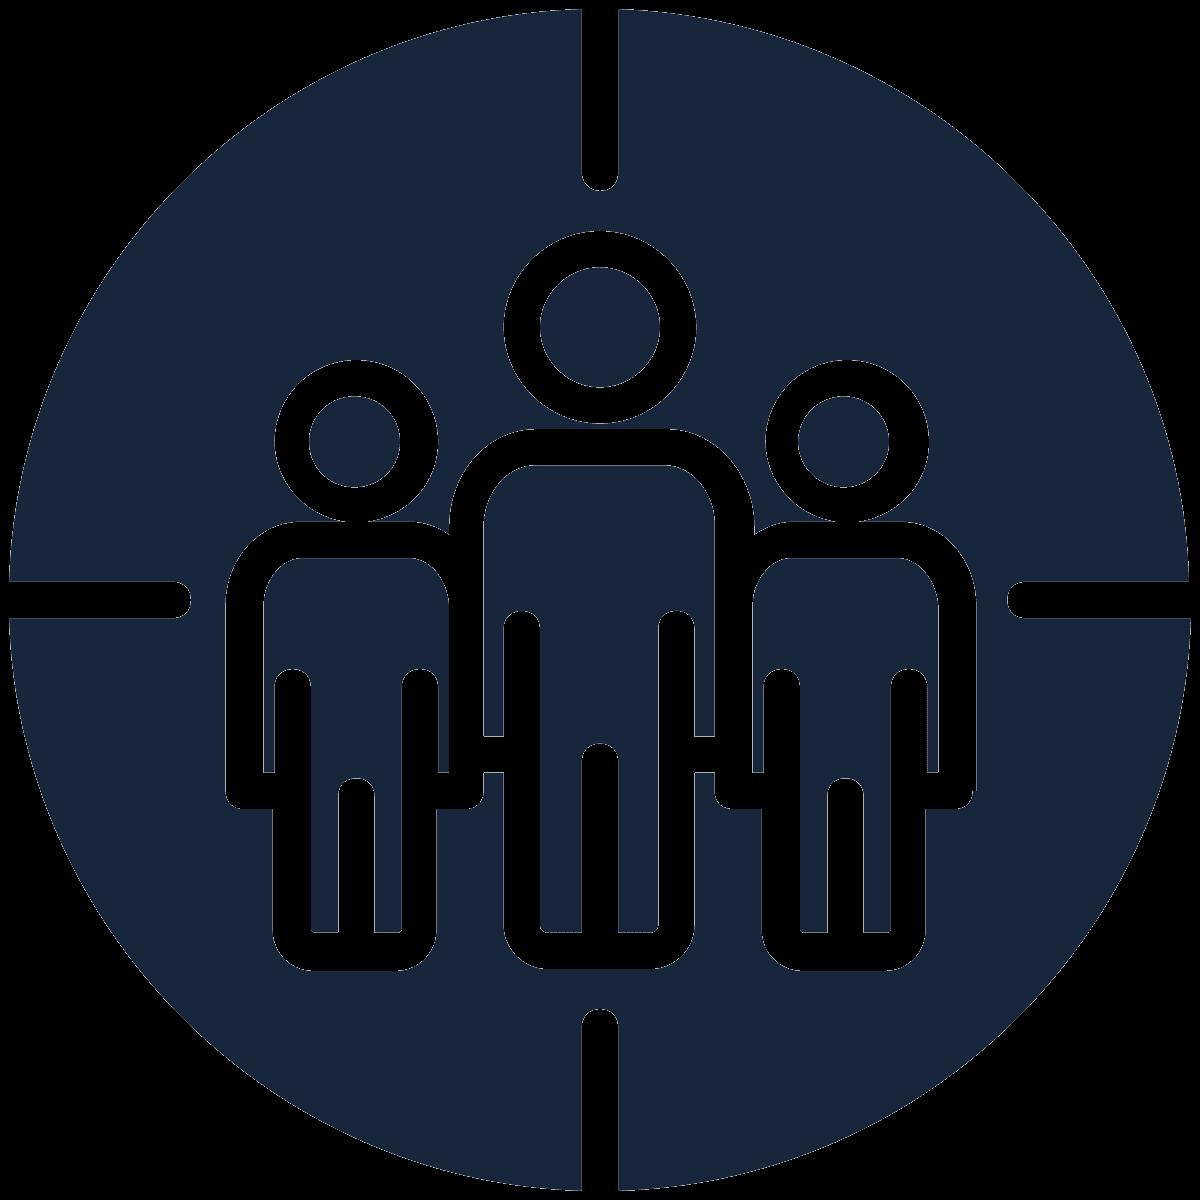 team focus icon